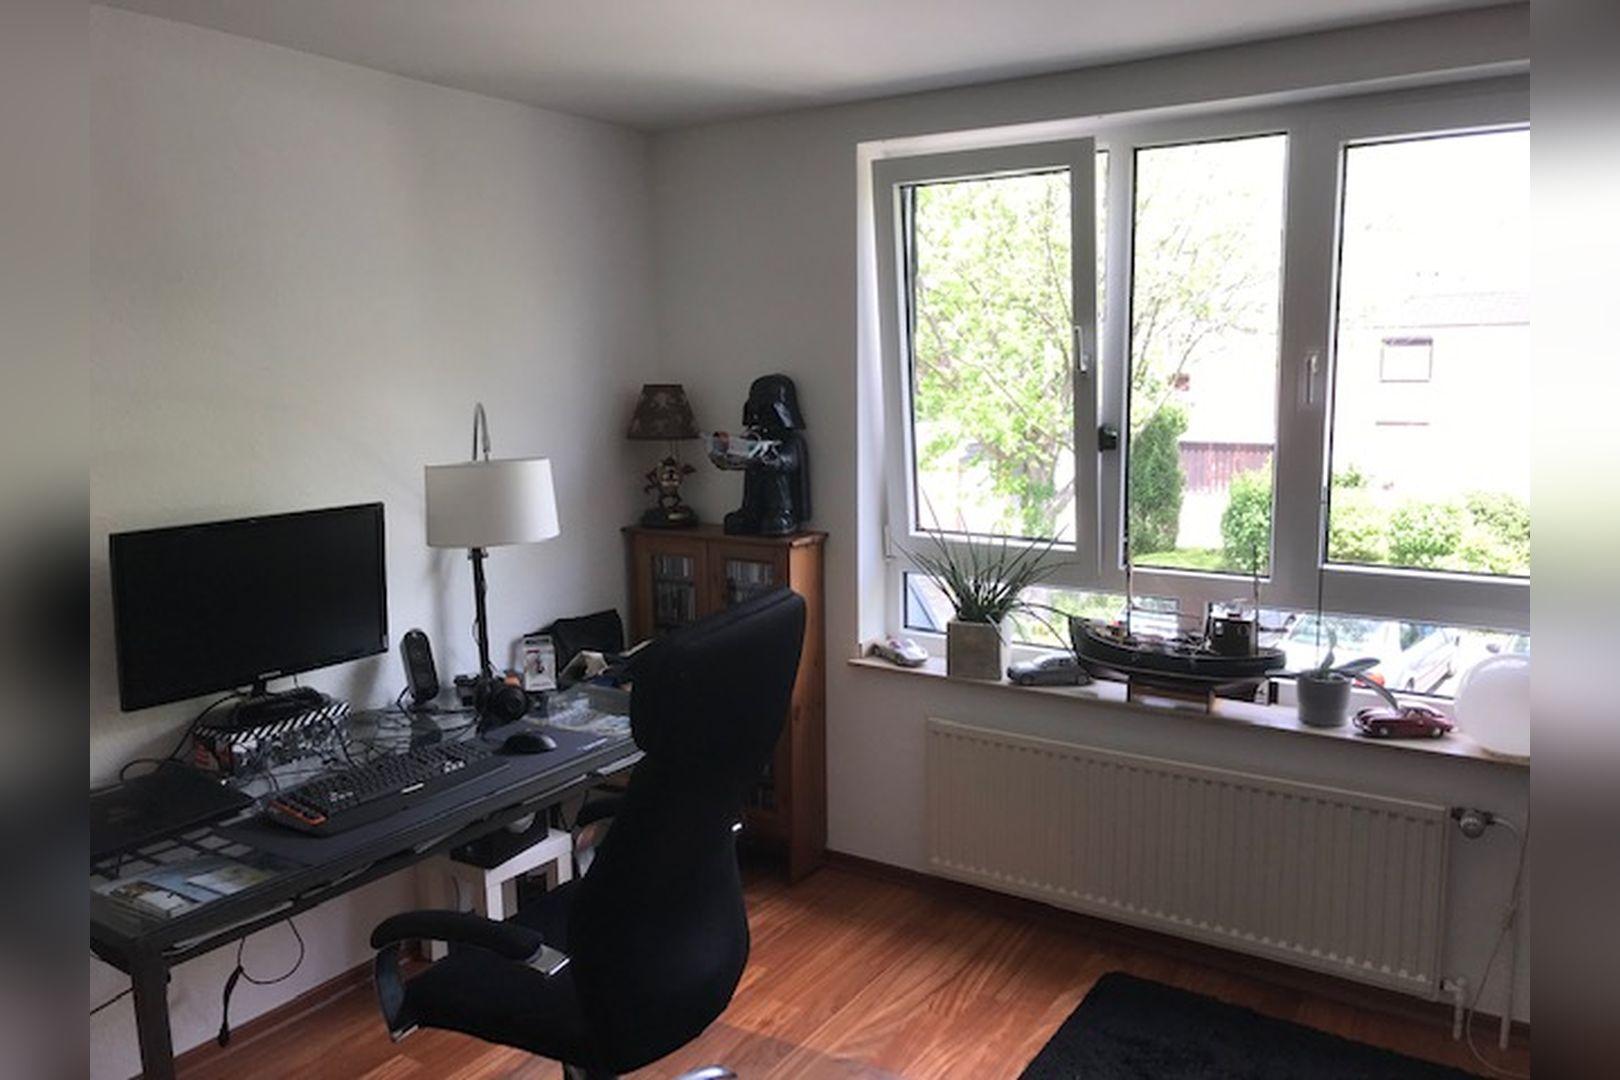 Immobilie Nr.0264 - großzügige Vier-Raum-Wohnung mit Riesenkellerraum für Hobby etc. - Bild 2.jpg